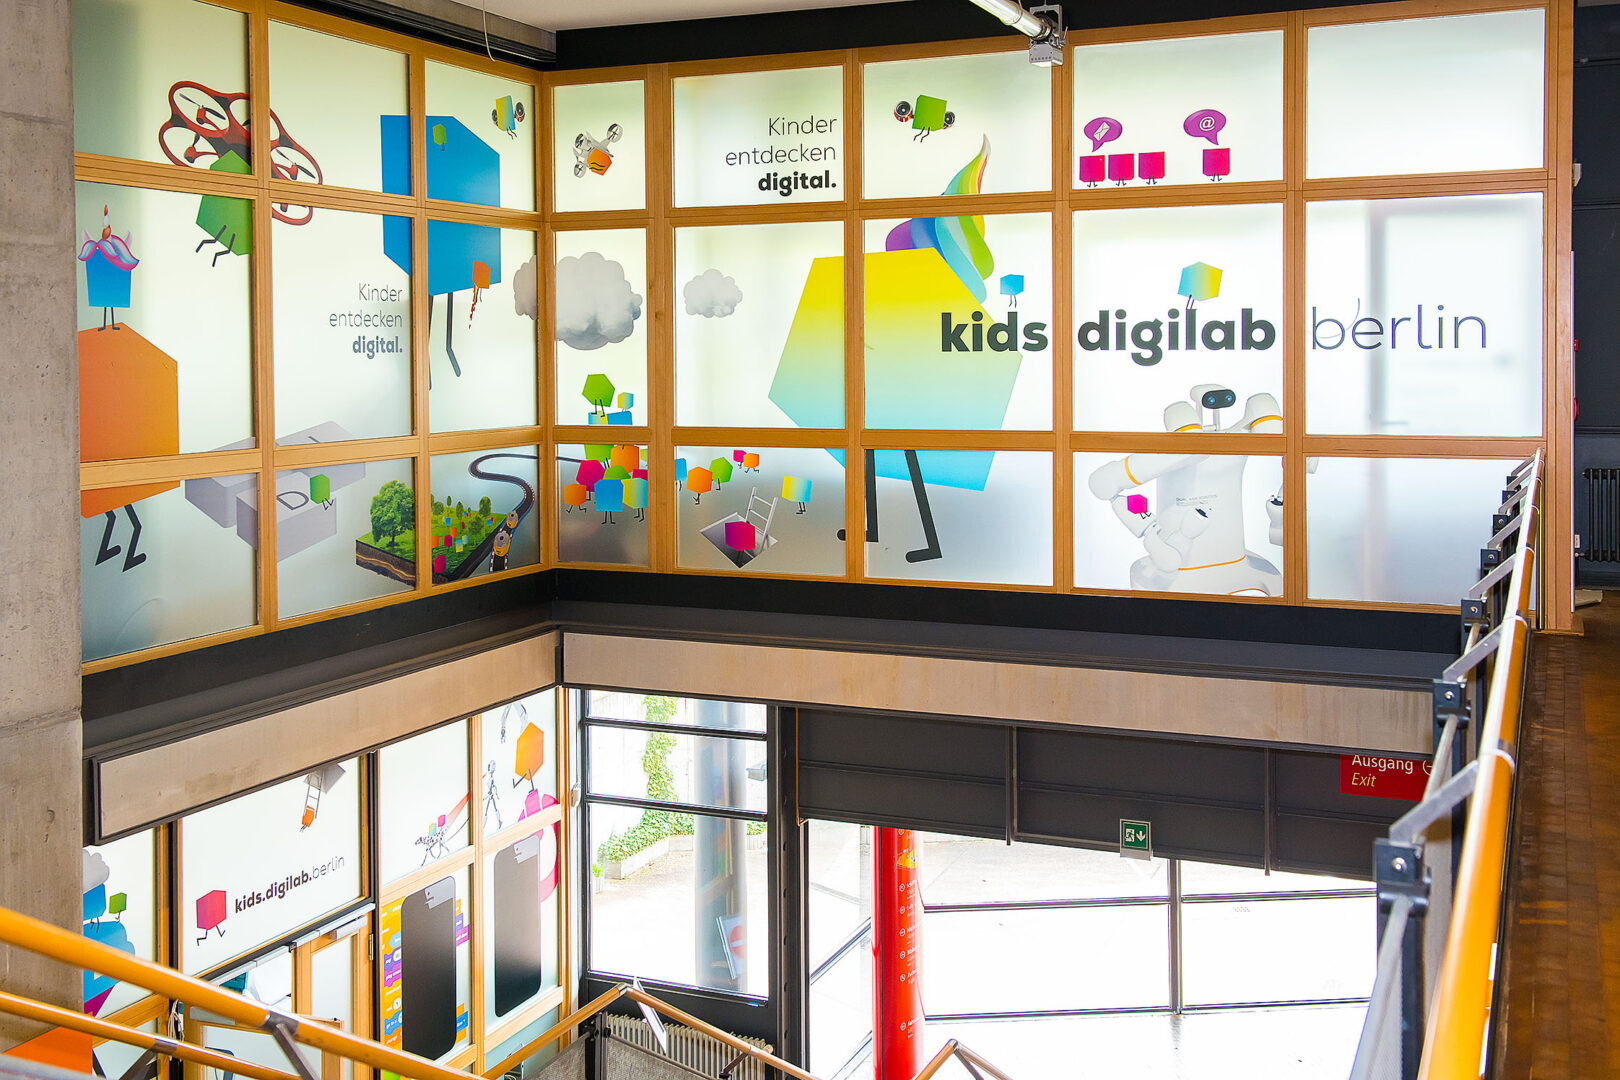 Ansicht von der Innentreppe auf Glasfassade der oberen Etage des kids.digilab und unteren Eingang des kids.digilab.